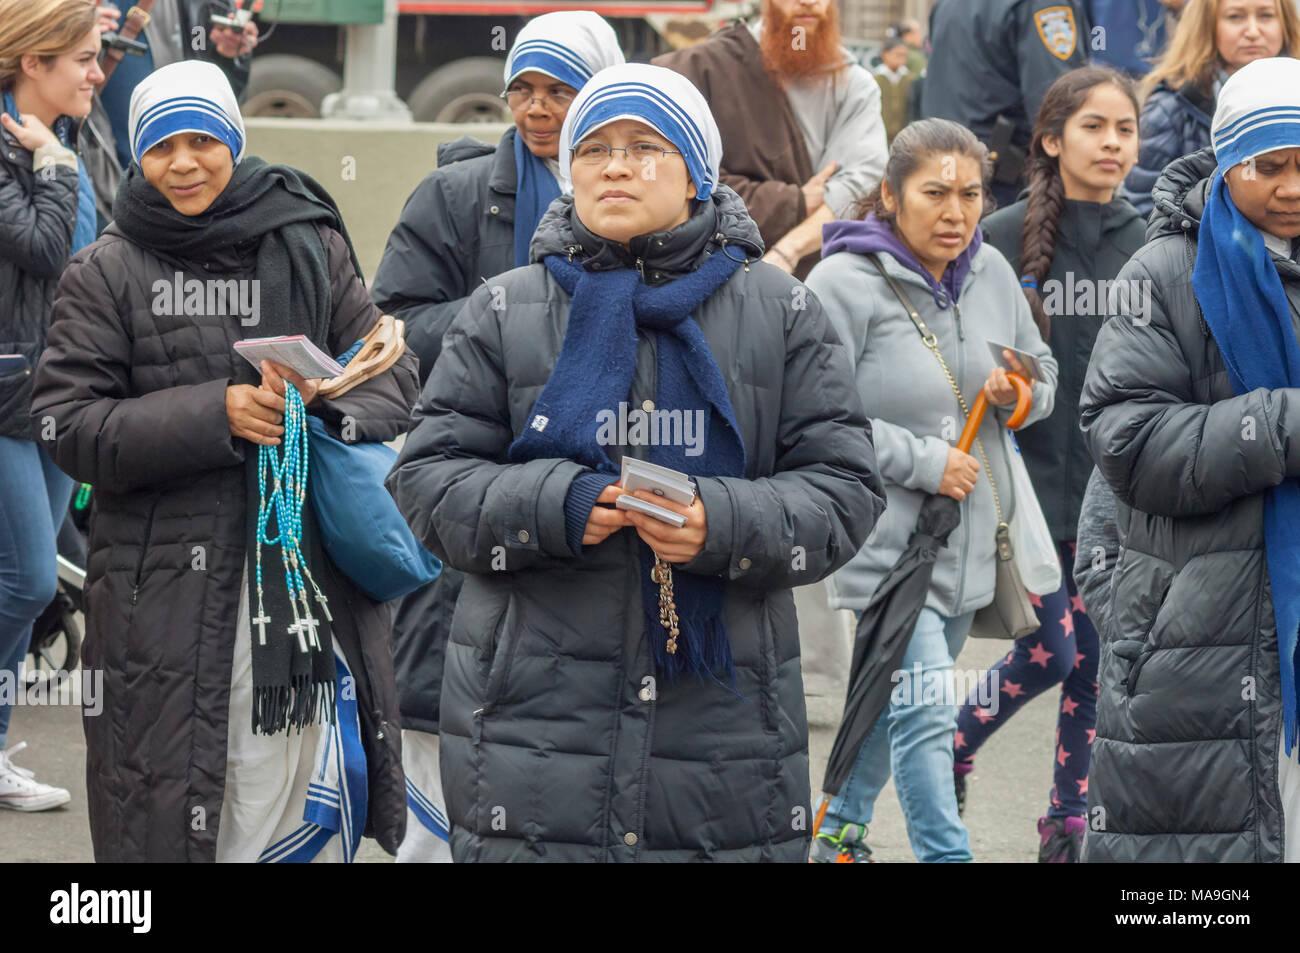 New York, USA. 30. März, 2018. Schwestern von der Nächstenliebe Gemeindemitglieder und Geistliche aus der Franziskaner der Erneuerung melden Sie versammeln sich in Harlem in New York zu ihrem jährlichen Weg des Kreuzes Zeugnis Spaziergang am Karfreitag, 30. März 2018. Die Prozession beginnt im St. Joseph's Kloster in Harlem und endet einige Stunden später an der St. Crispin Kloster in der Bronx, wo ein guter Freitag Service erfolgt. Mehrere hundert Gemeindemitglieder sowie Klerus in der Veranstaltung teilgenommen, Teil der Heiligen Woche, die die Kreuzigung von Jesus Christus erinnert. (© Richard B. Levine) Credit: Richard Levine/Alamy Stockbild